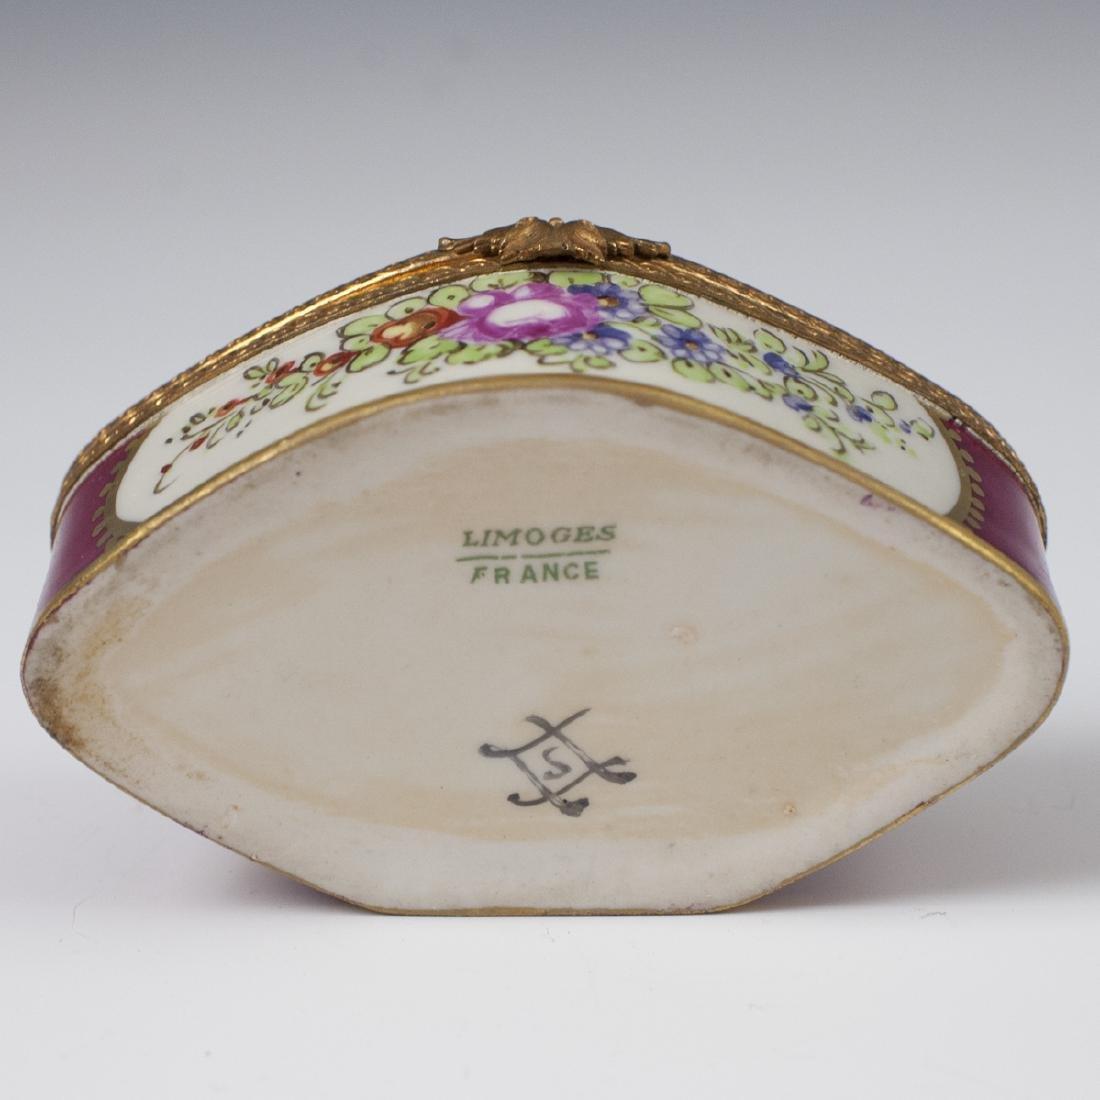 Limoges Sevres Style Porcelain Trinket Box - 3